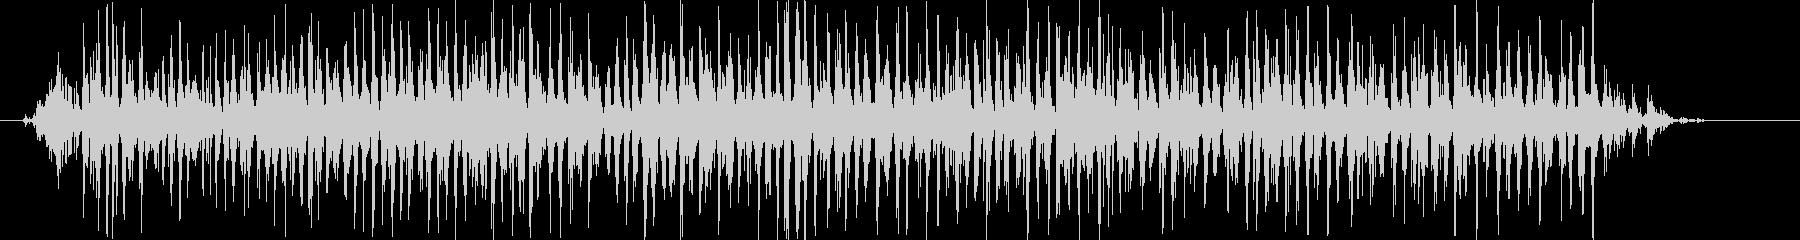 シャラララララ(鈴のロール♪)の未再生の波形